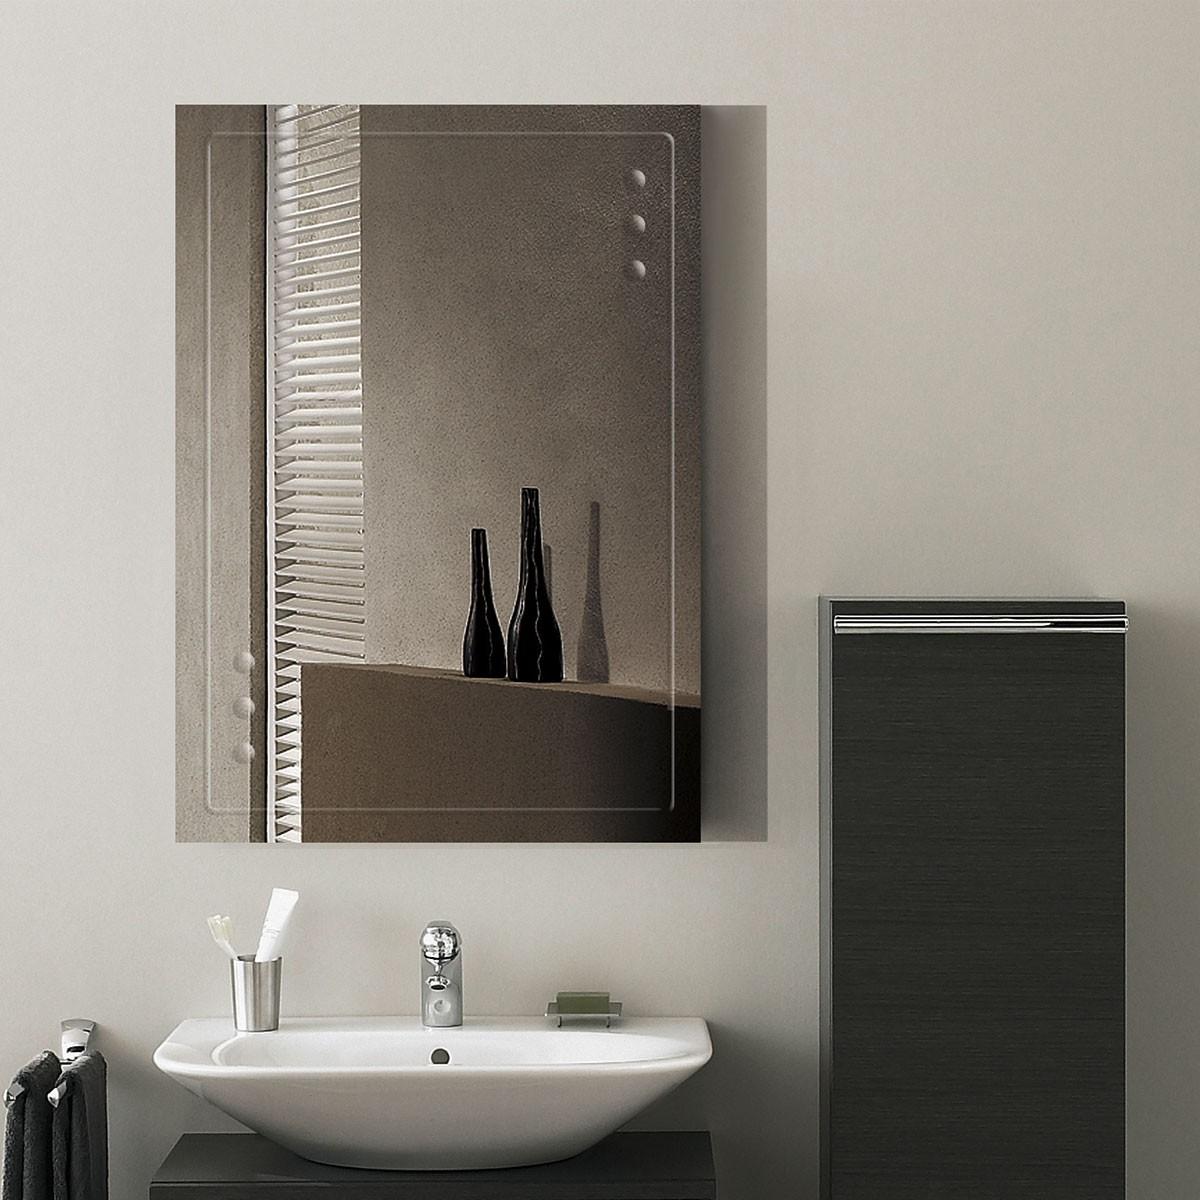 28 x 20 po miroir mural salle de bain classique for Miroir biseaute sans cadre